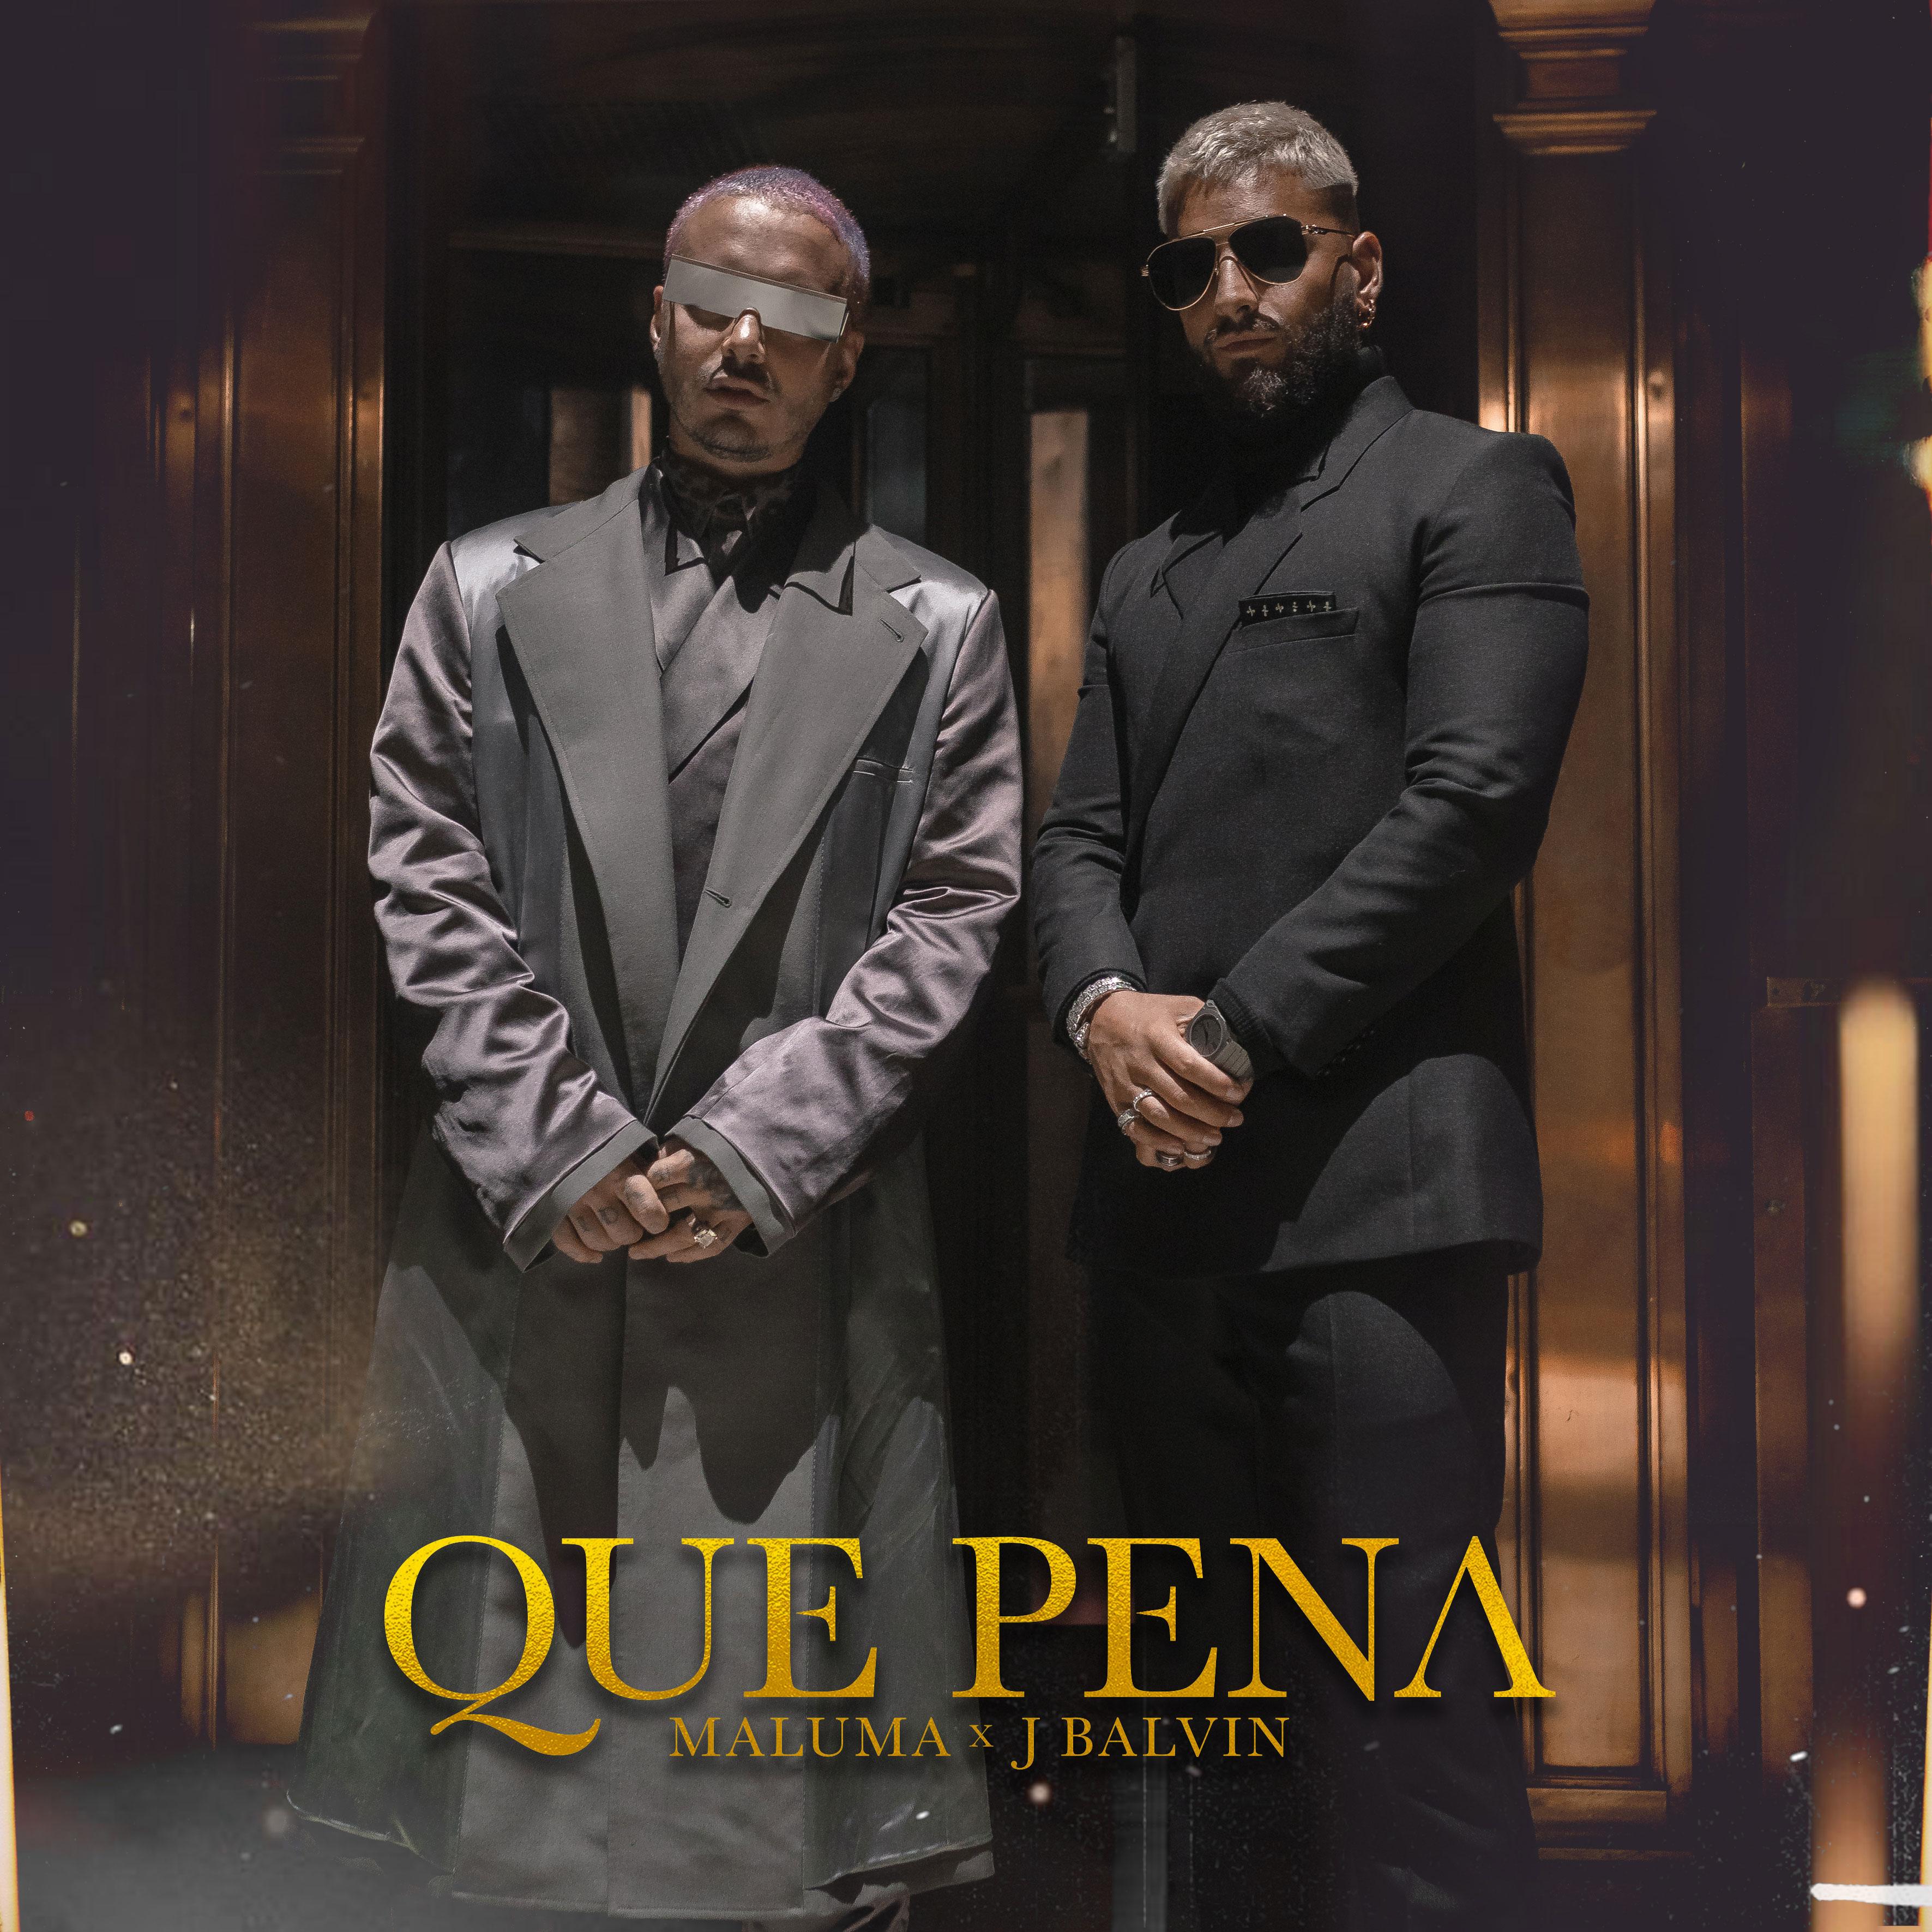 Maluma-QuePena-Cover